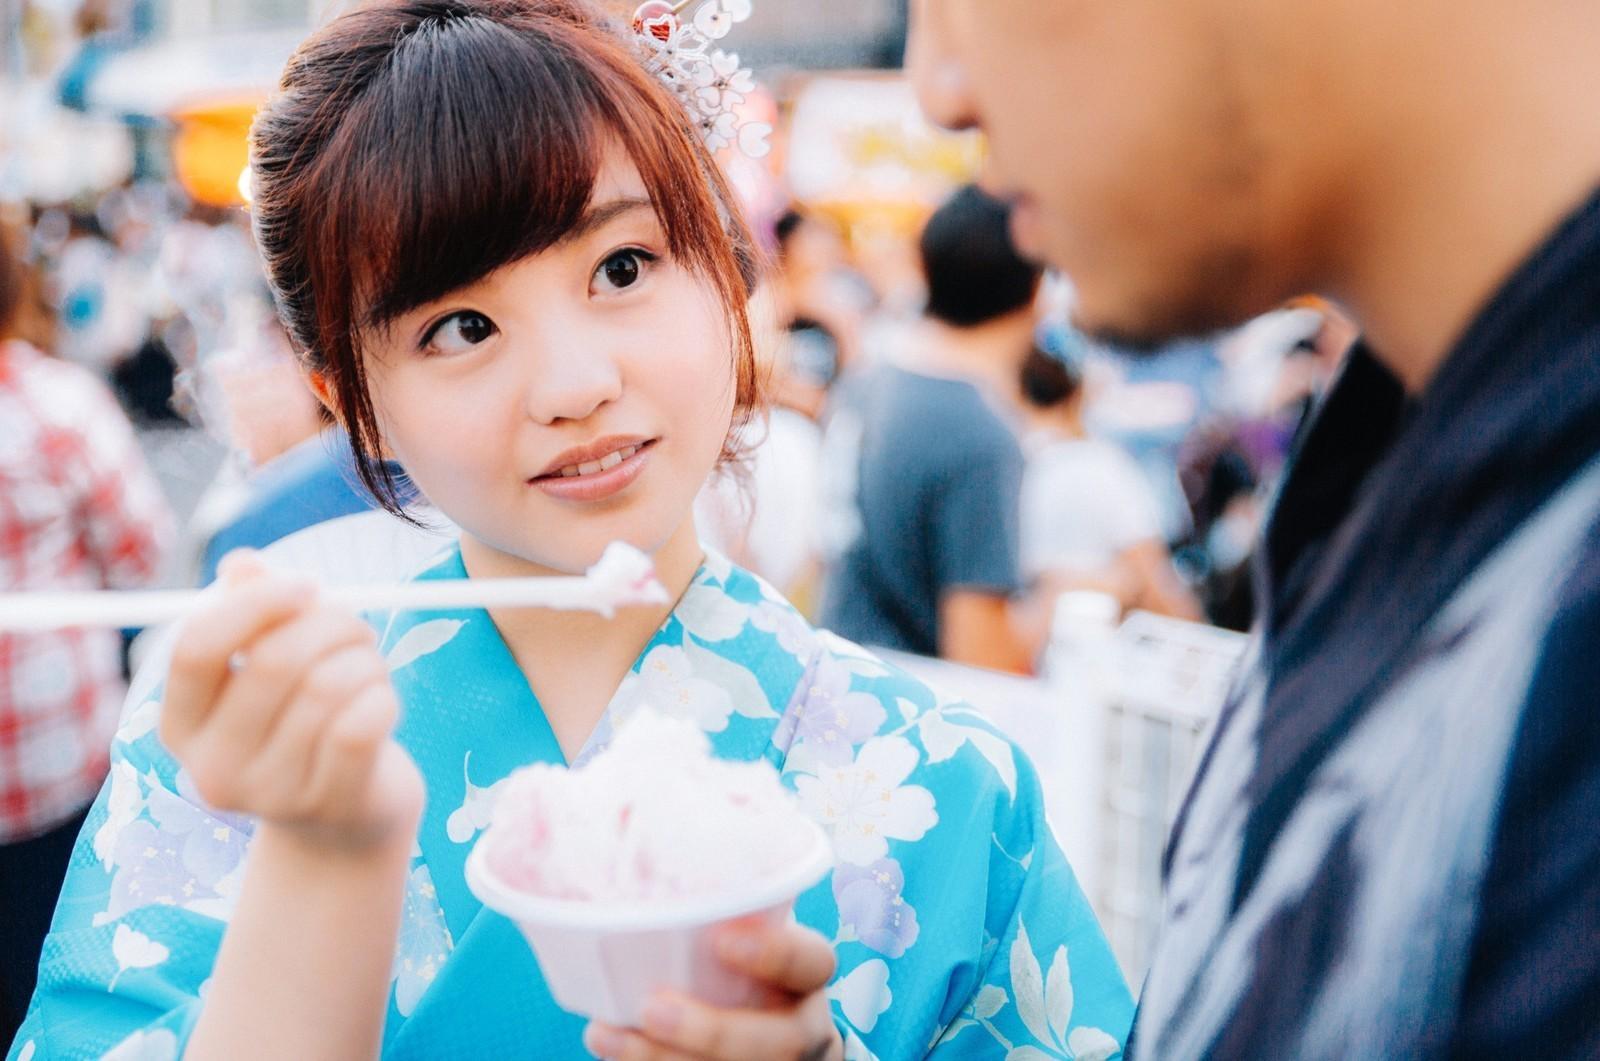 是[面白日本] 見面不如聞名的日本美食:刨冰、炒麵、章魚燒、生八橋、花見團子這篇文章的首圖